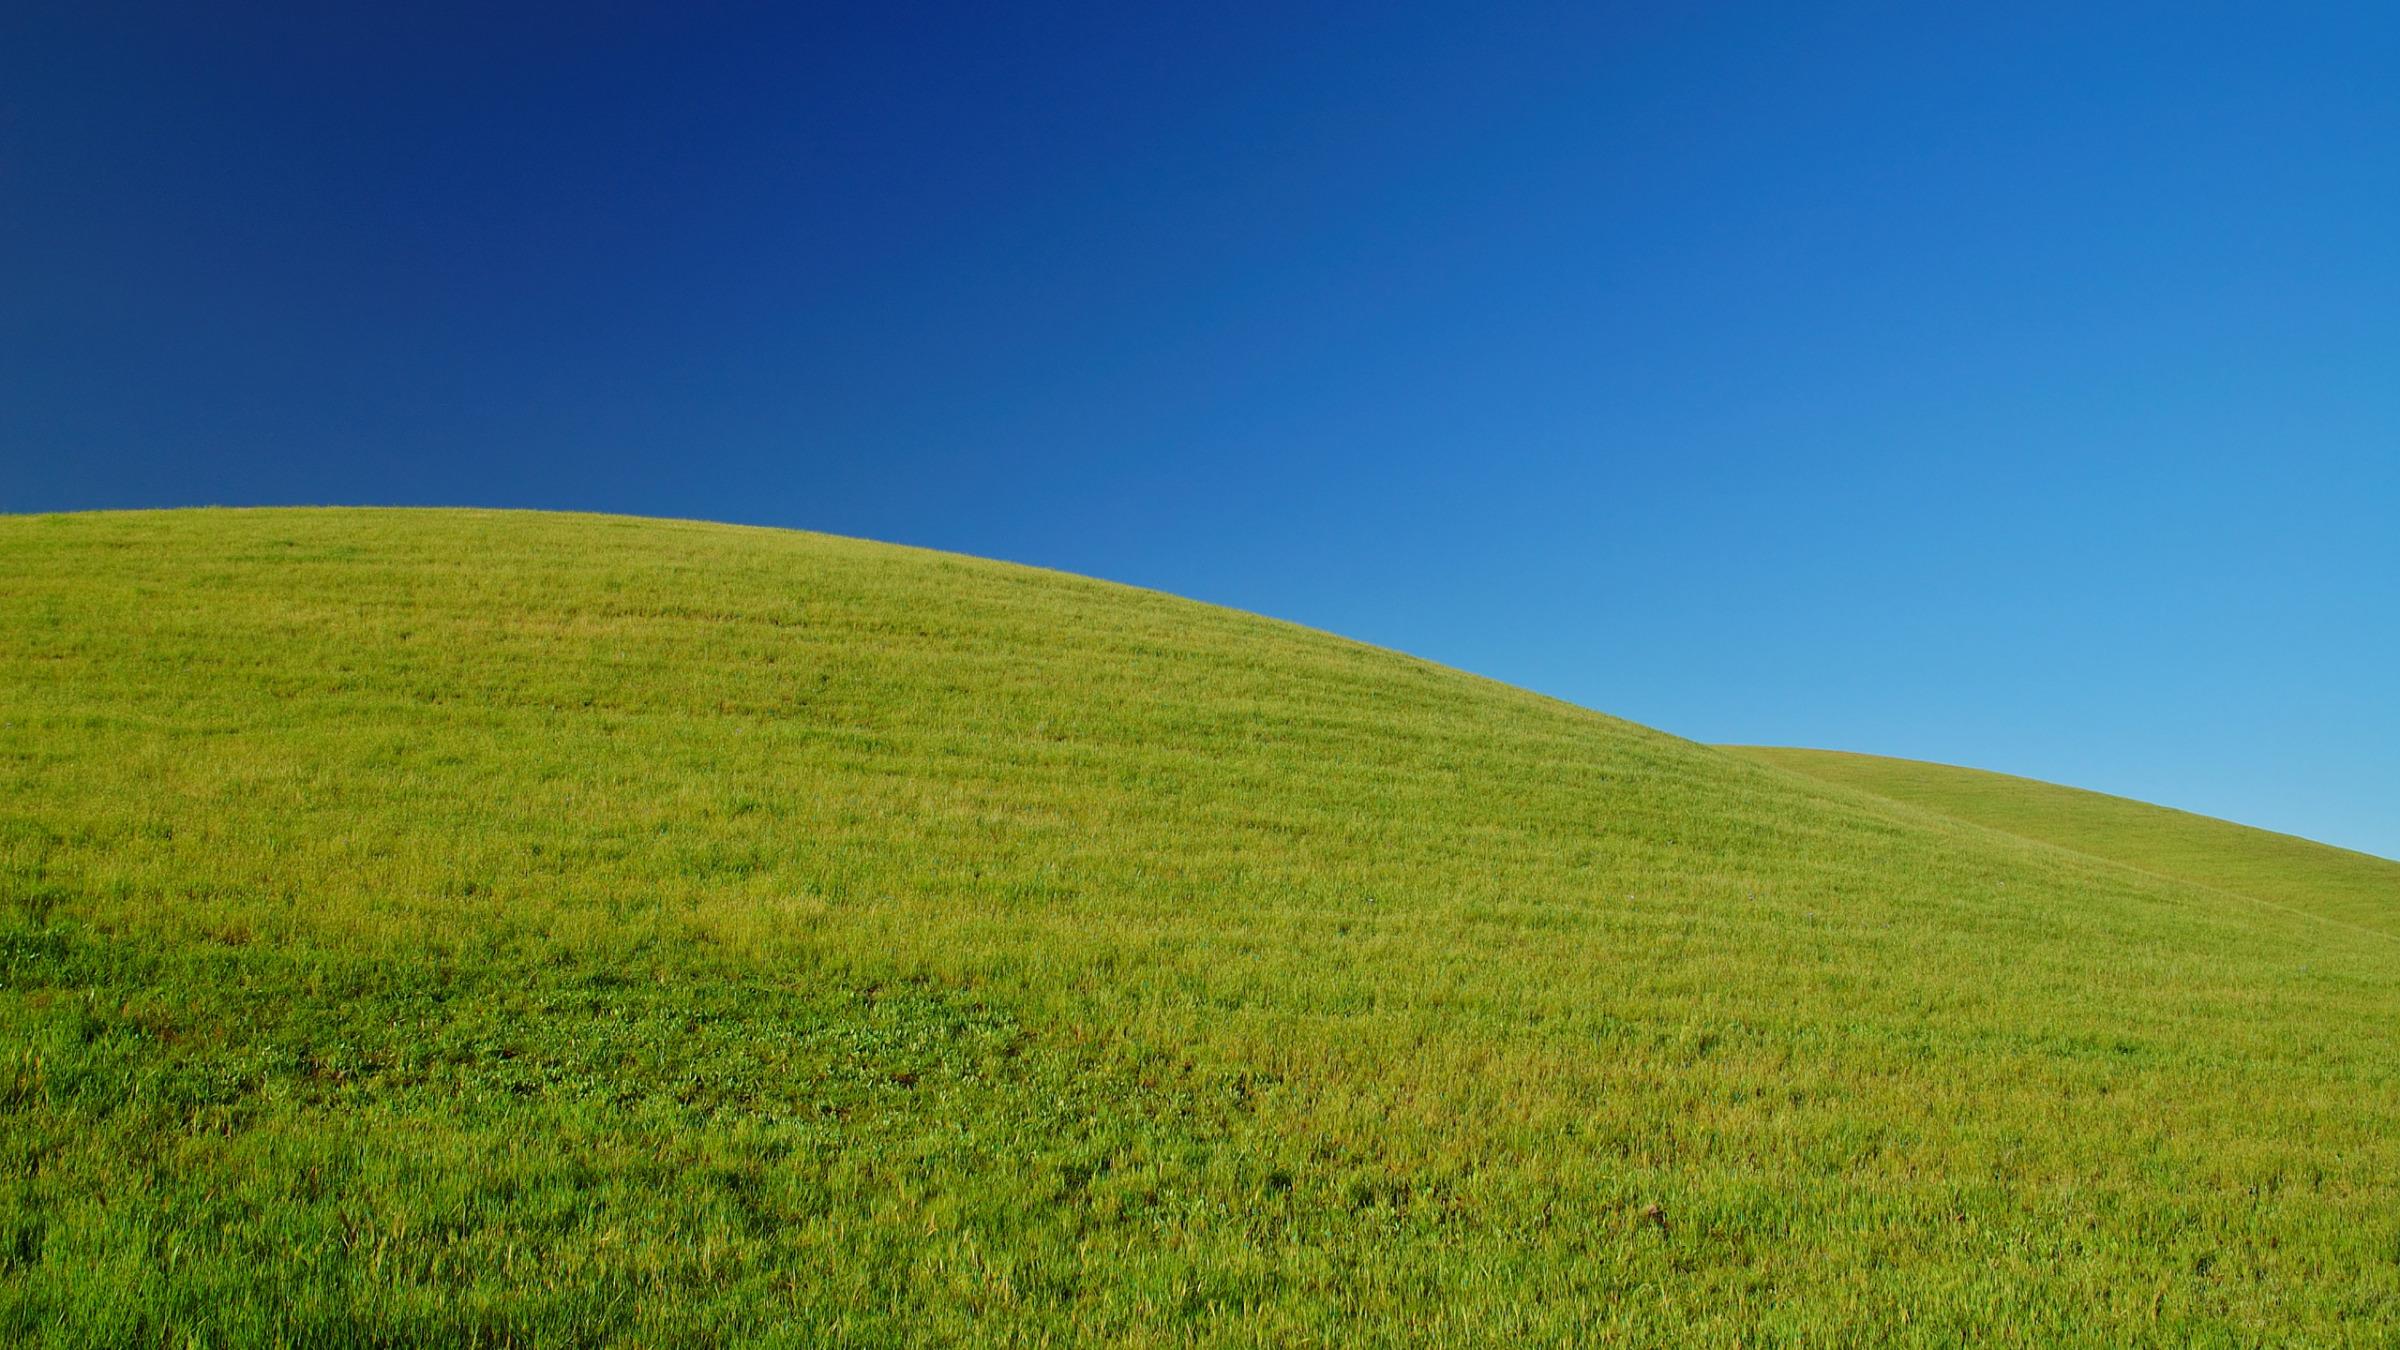 природа поле трава зеленая  № 610469 без смс